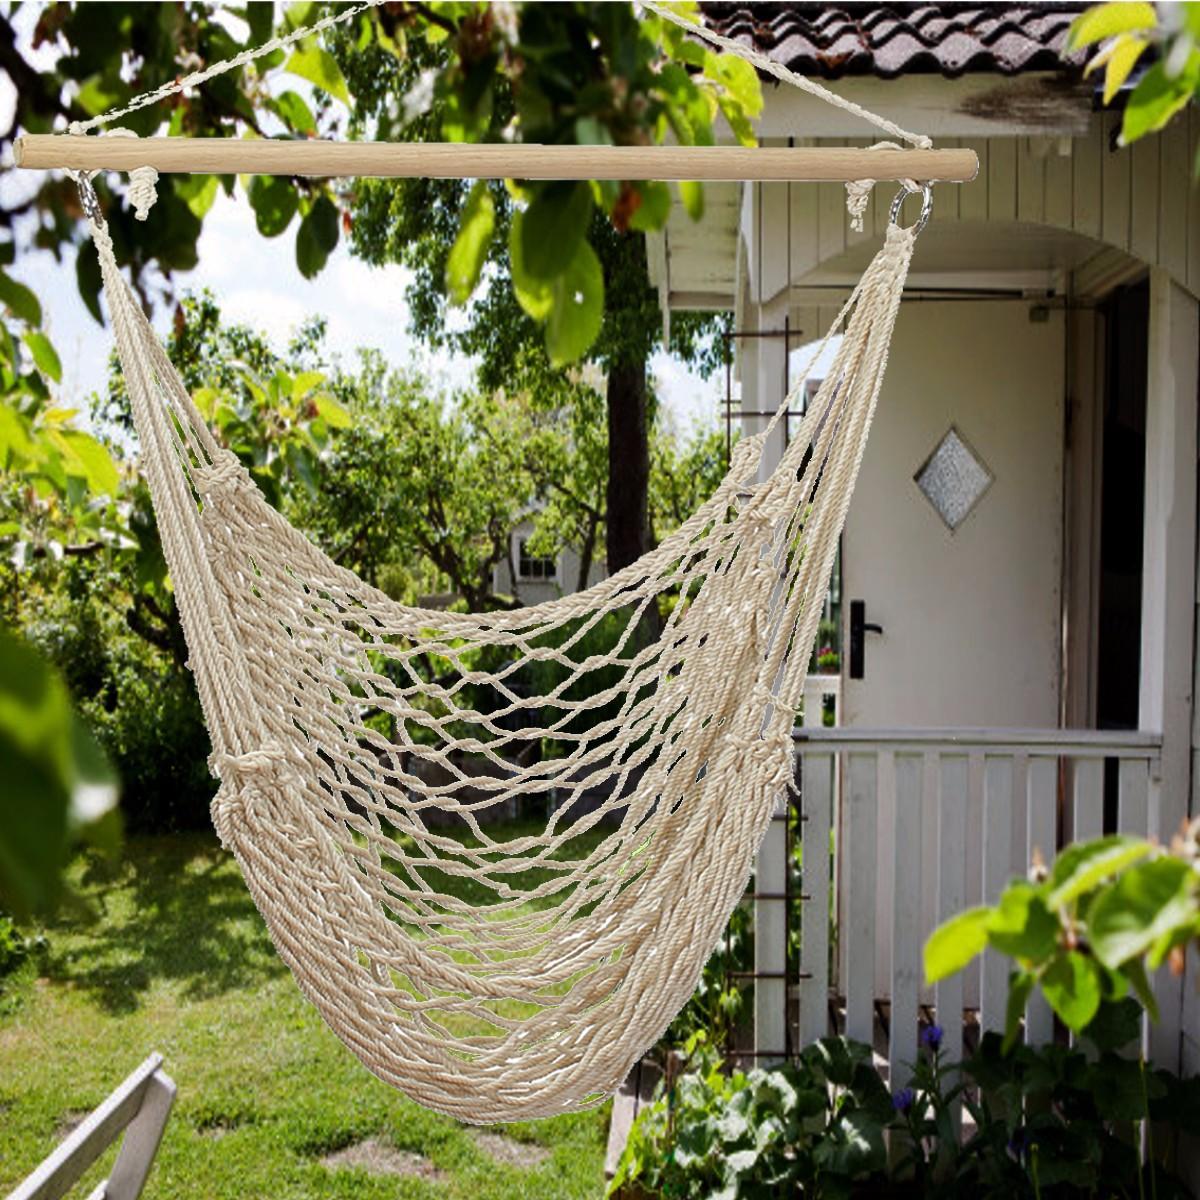 Outdoor Swings Rattan Garden Weave Hammock Chair Hanging